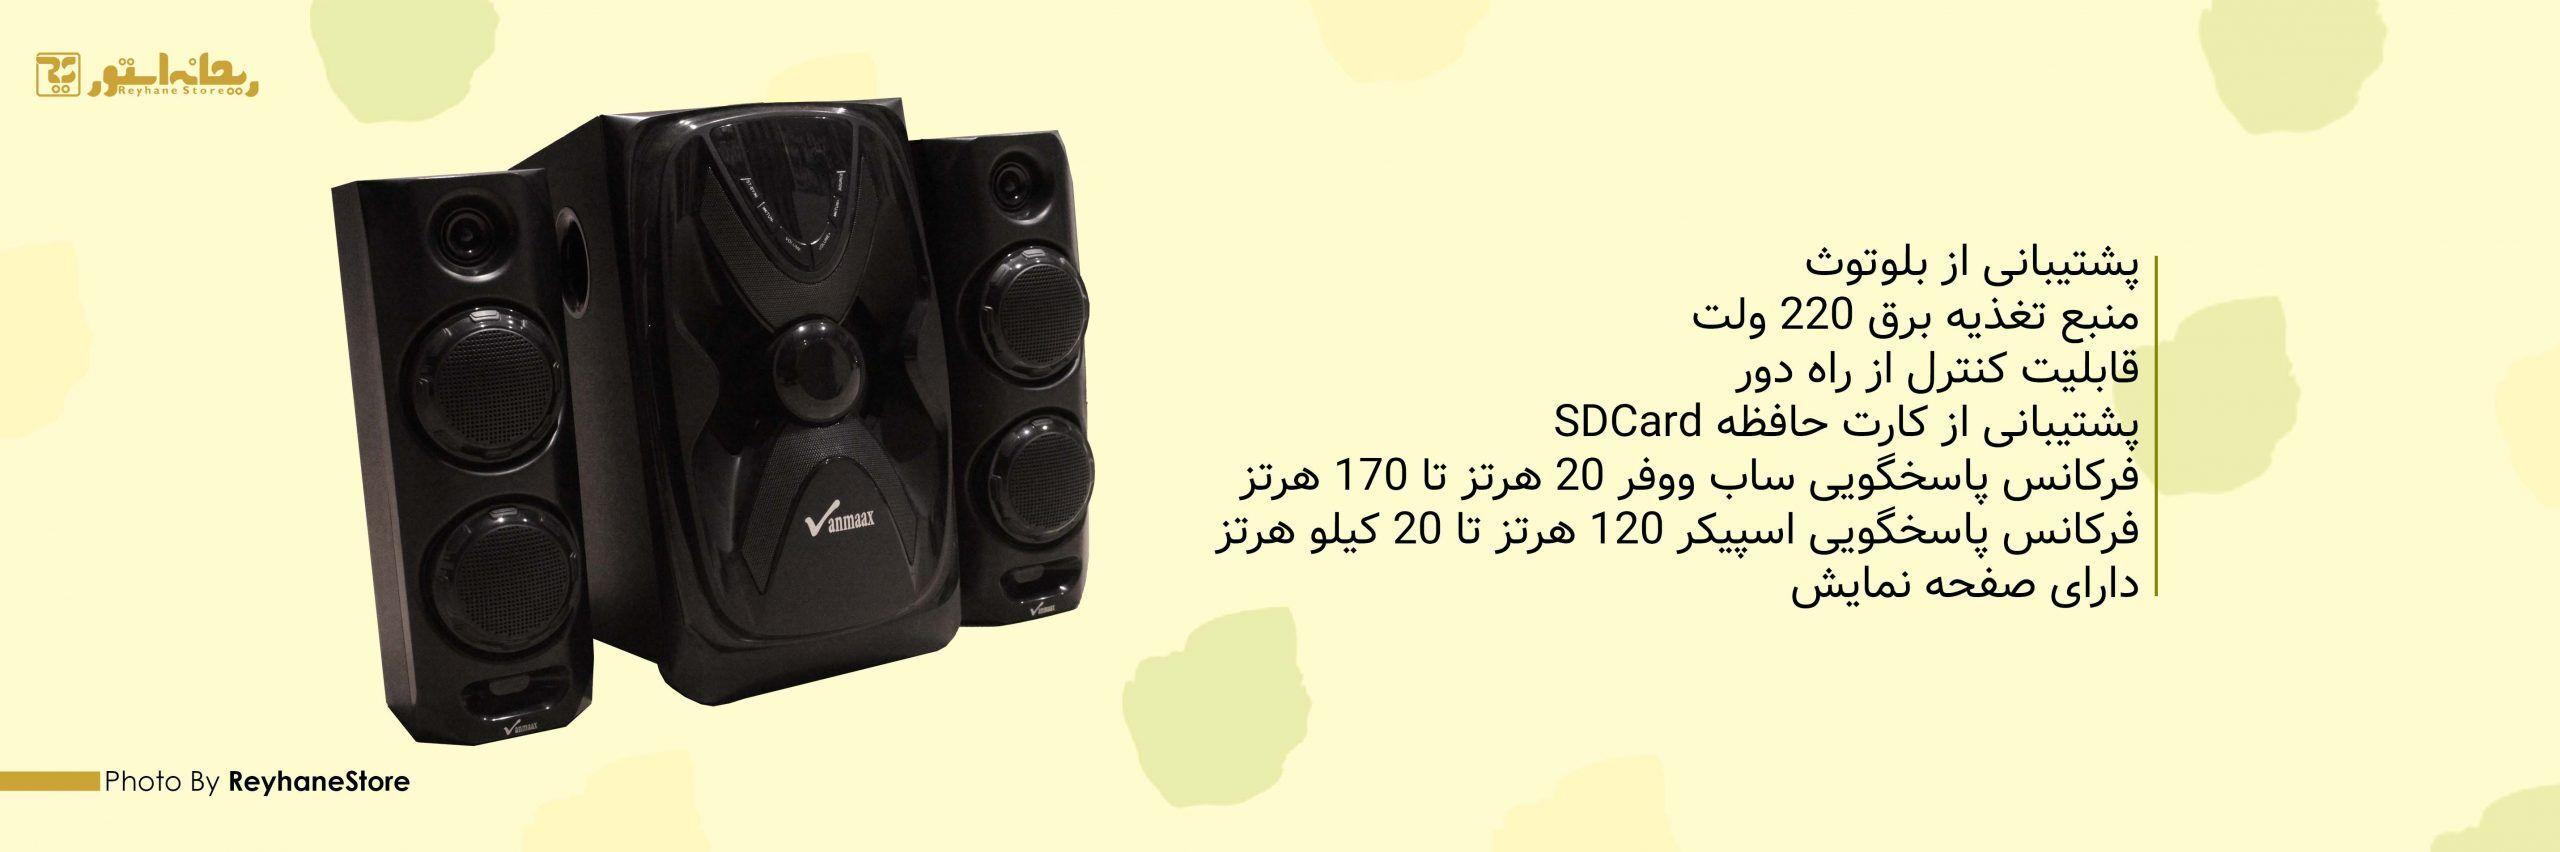 اسپیکر با سیم وانمکس MAX-SB 2761